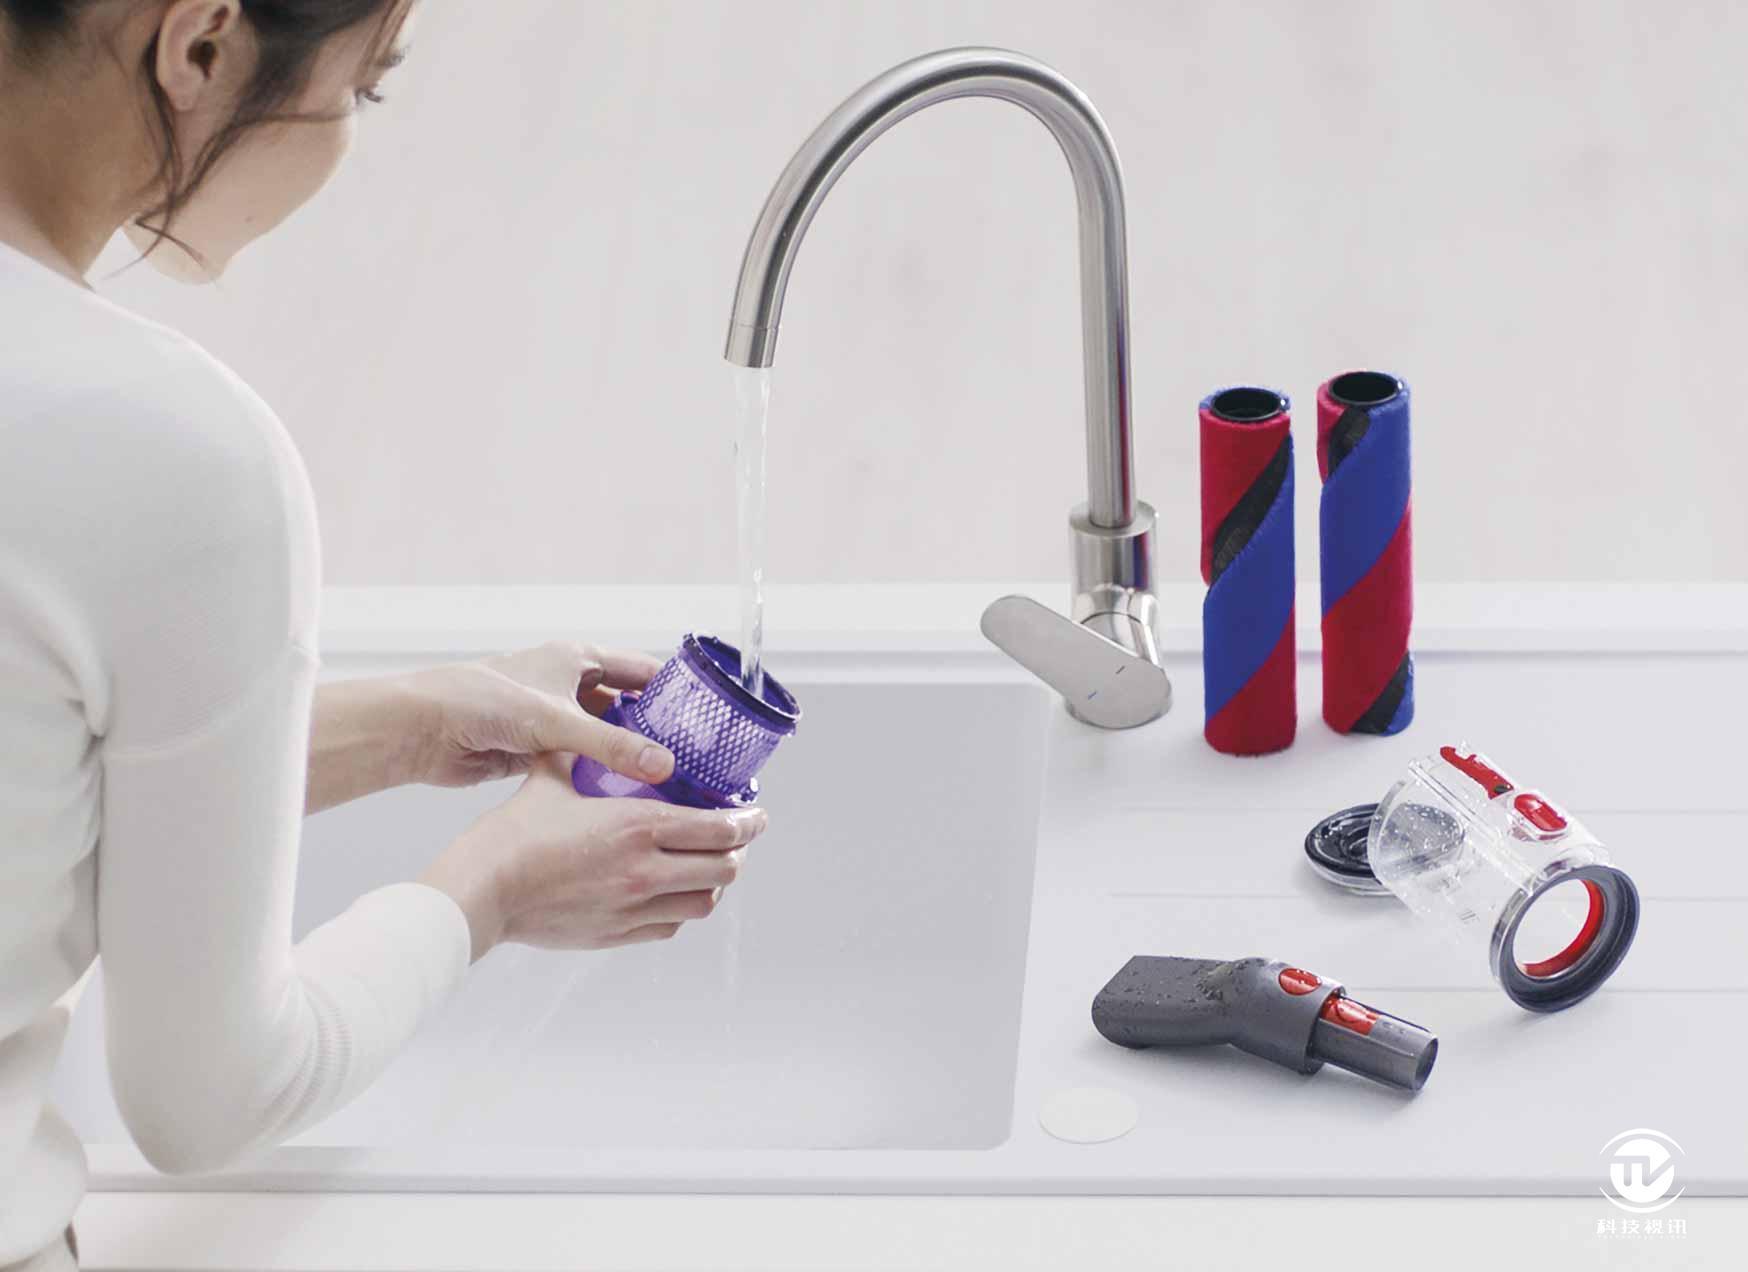 配图7:日常清洗与维护.jpg